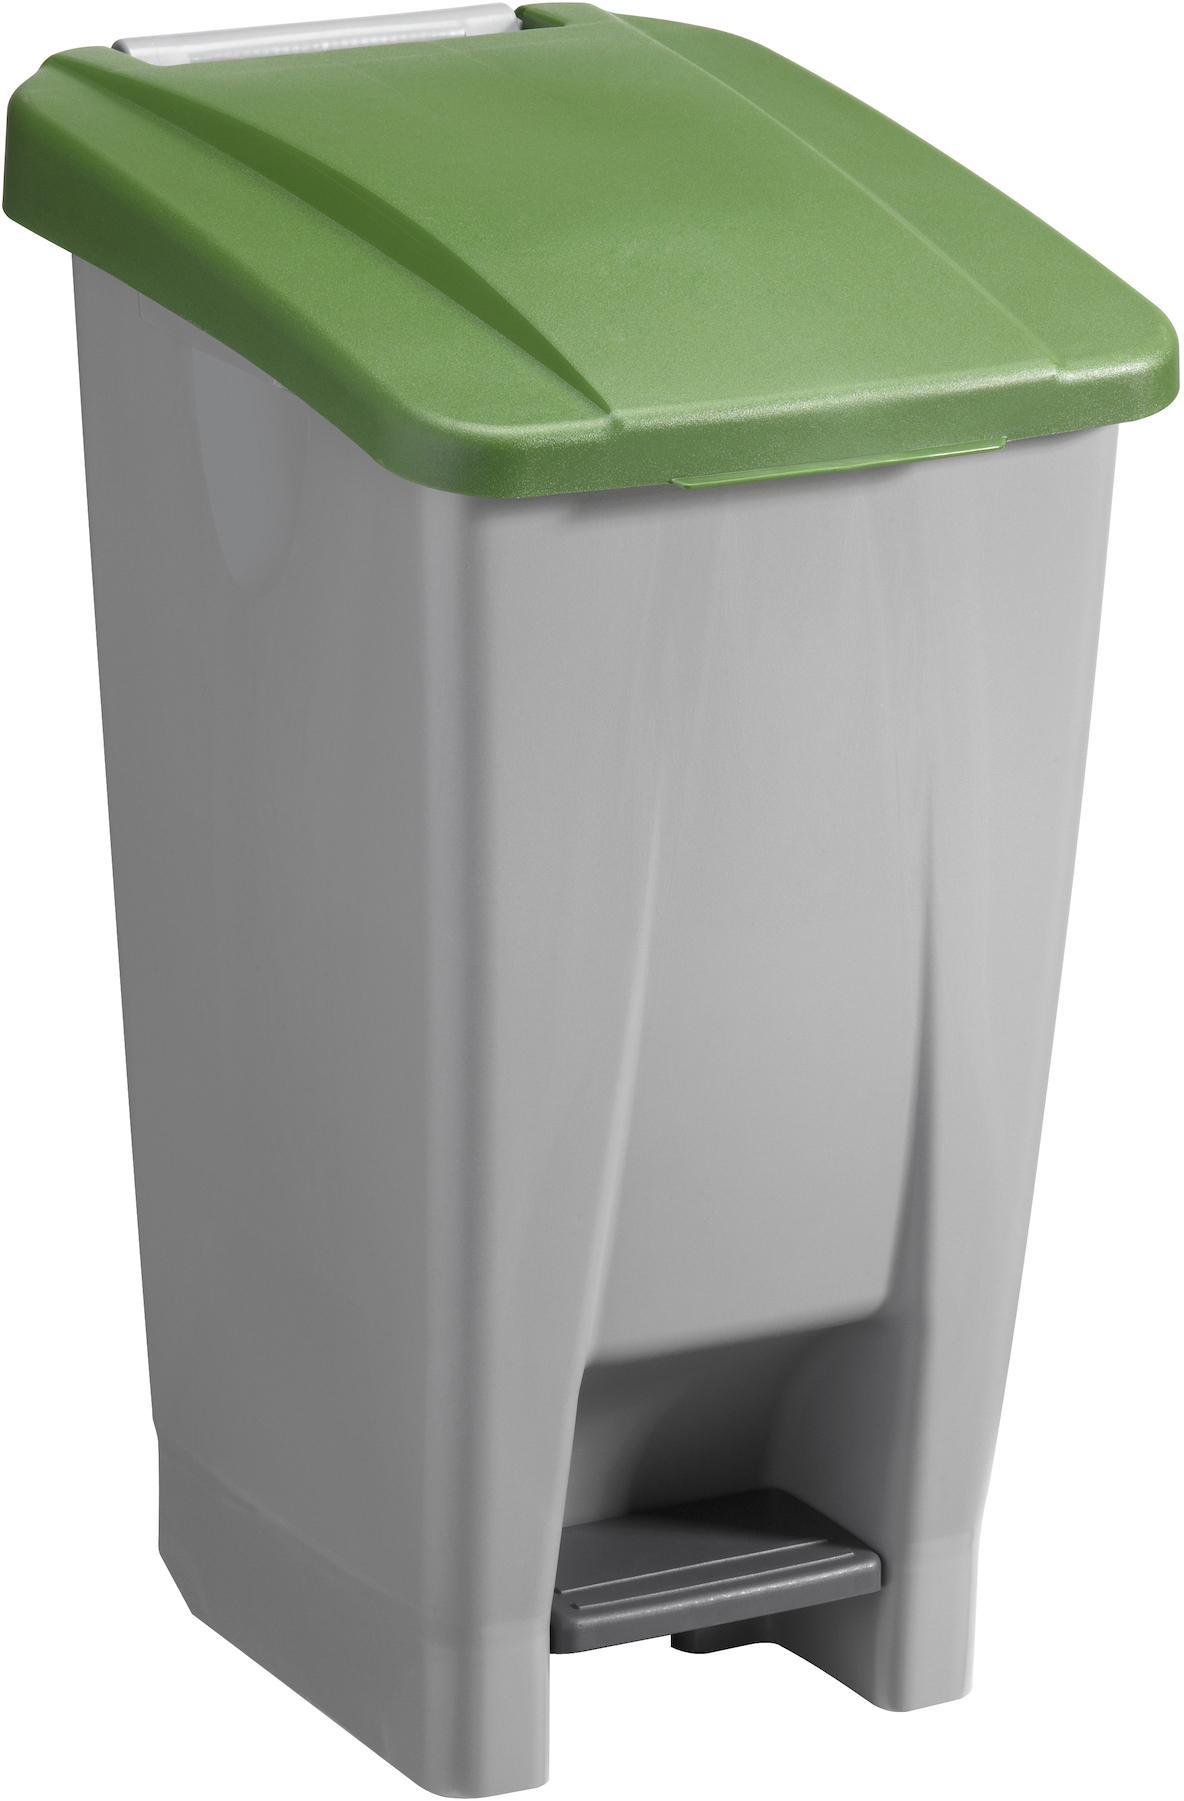 Sunware Mülleimer ´´Basic´´ | Küche und Esszimmer > Küchen-Zubehör > Mülleimer | Grün | Kunststoff | Sunware